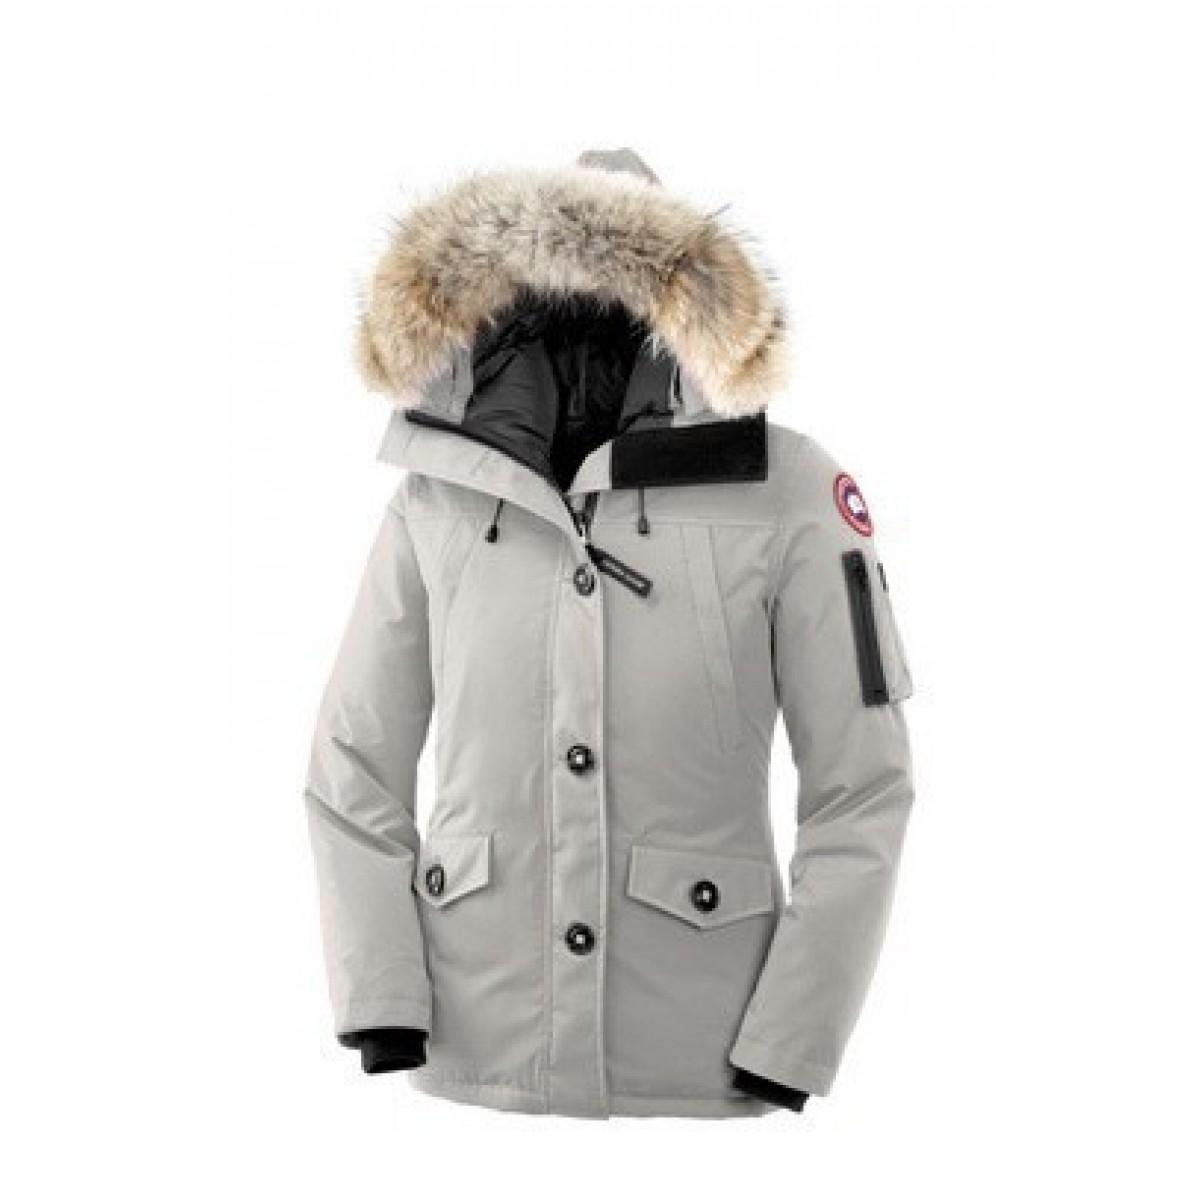 Canada Goose Montebello Parka Blanc Femme en Solde - Canada Goose ... f2f154a4a18